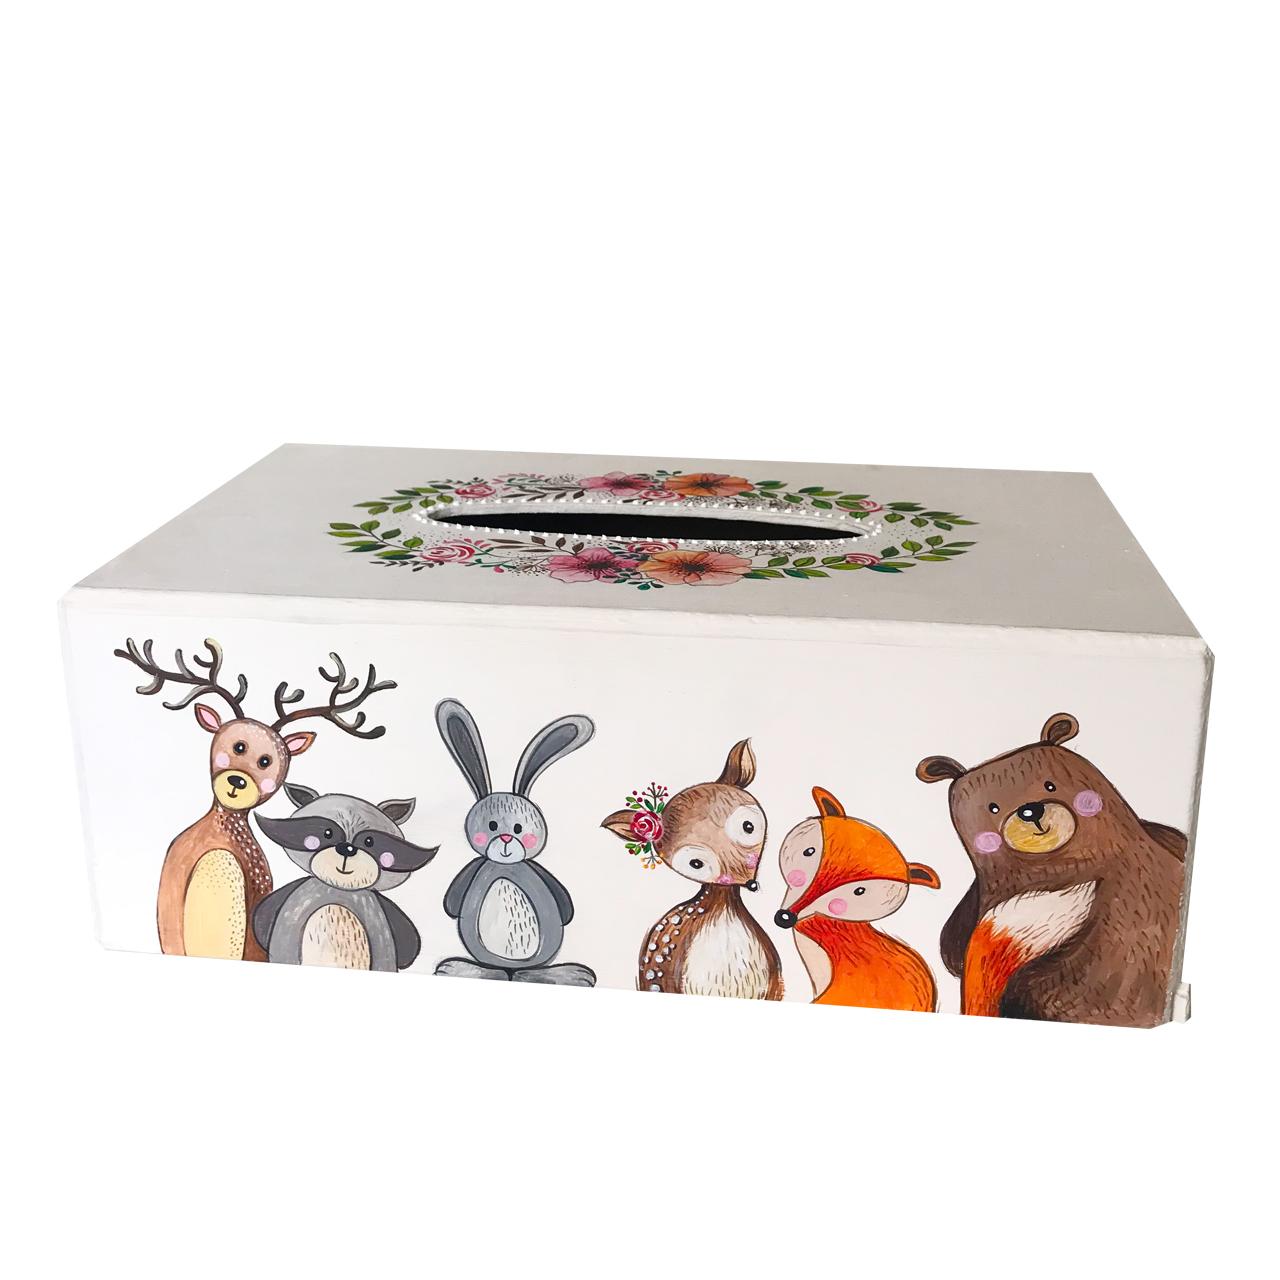 جعبه دستمال کاغذی طرح نقاشی کودک کد 2028